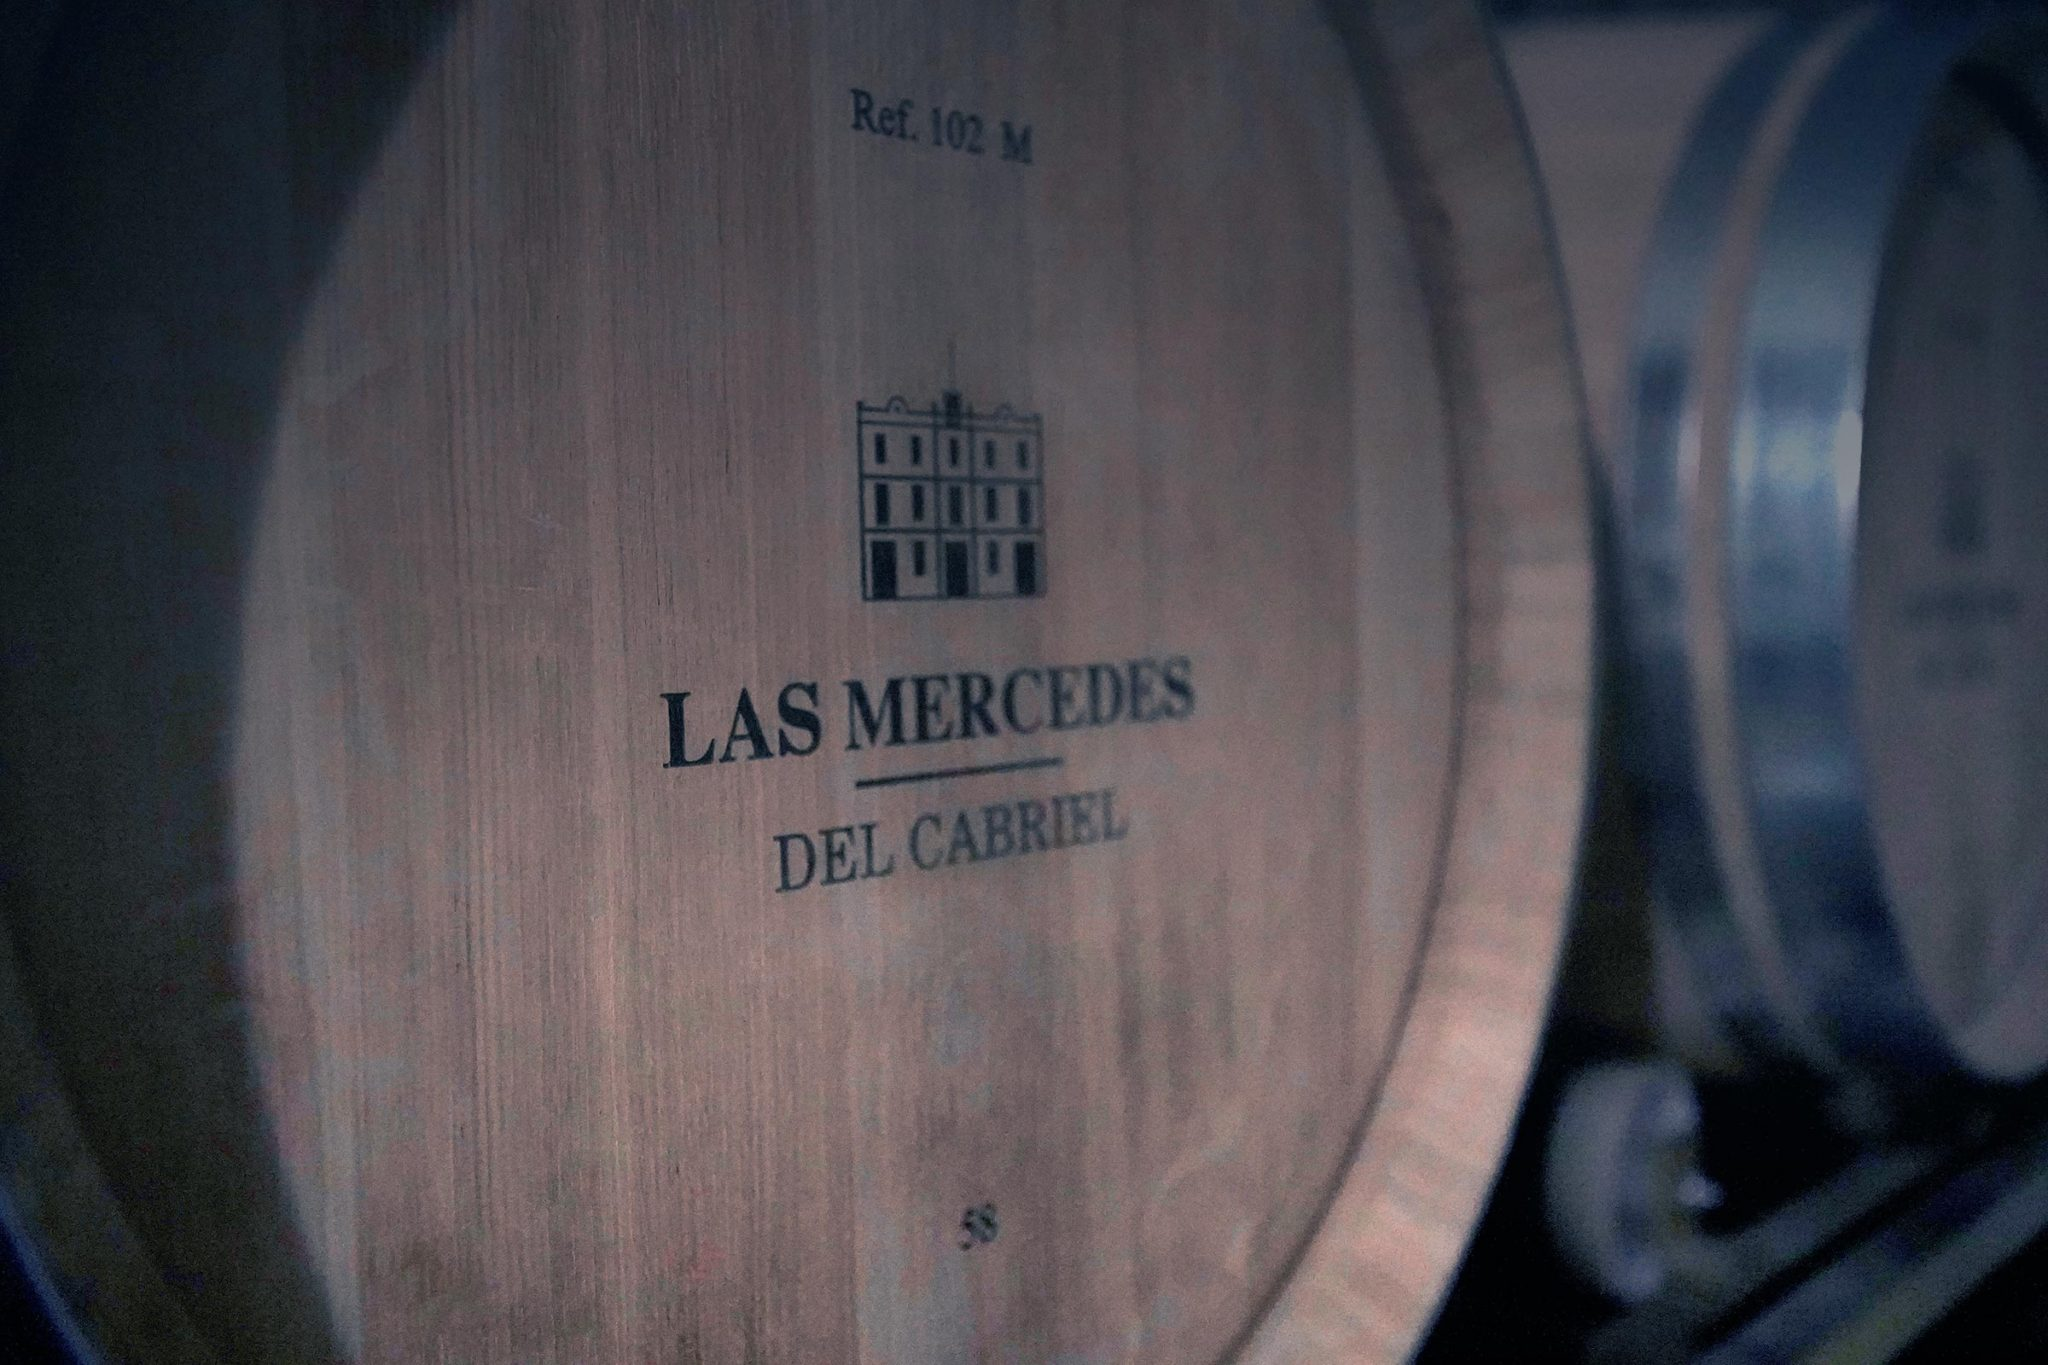 Shop & wine tourism